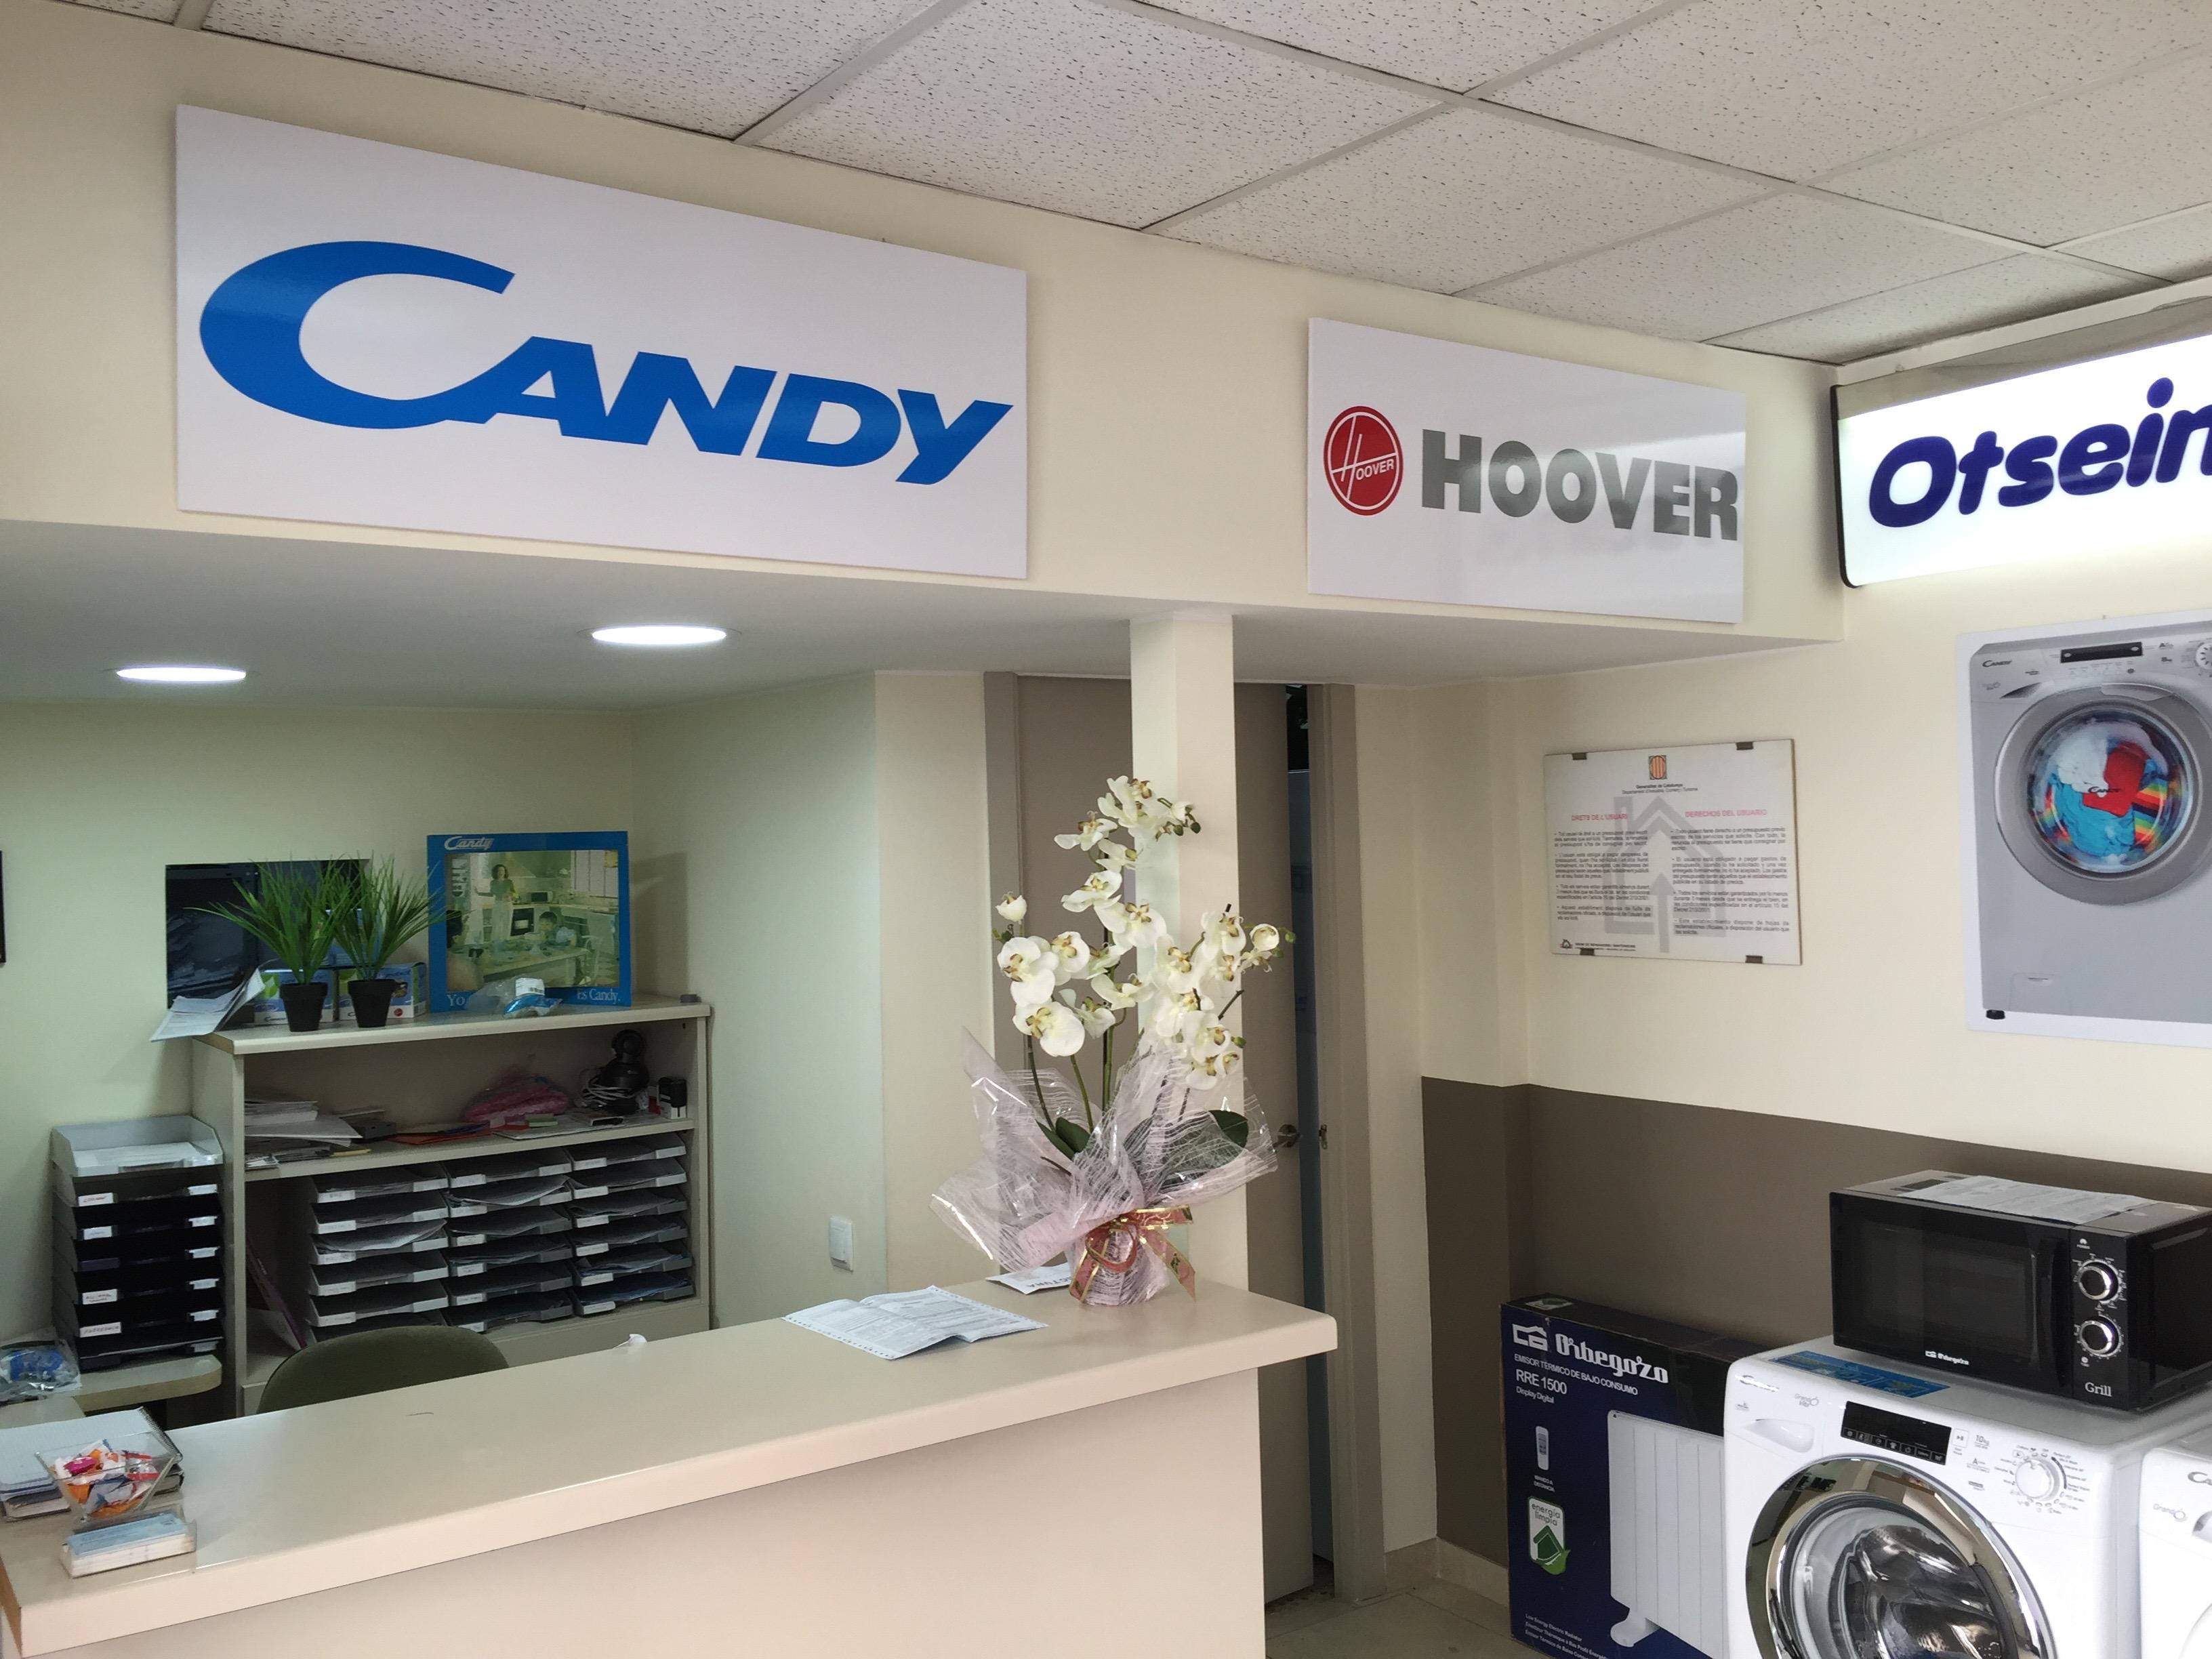 Reparación de lavadora: abusos de la marca OTSEIN (Grupo CANDY-HOOVER) y de su Servicio Técnico y también del vendedor EROSKI